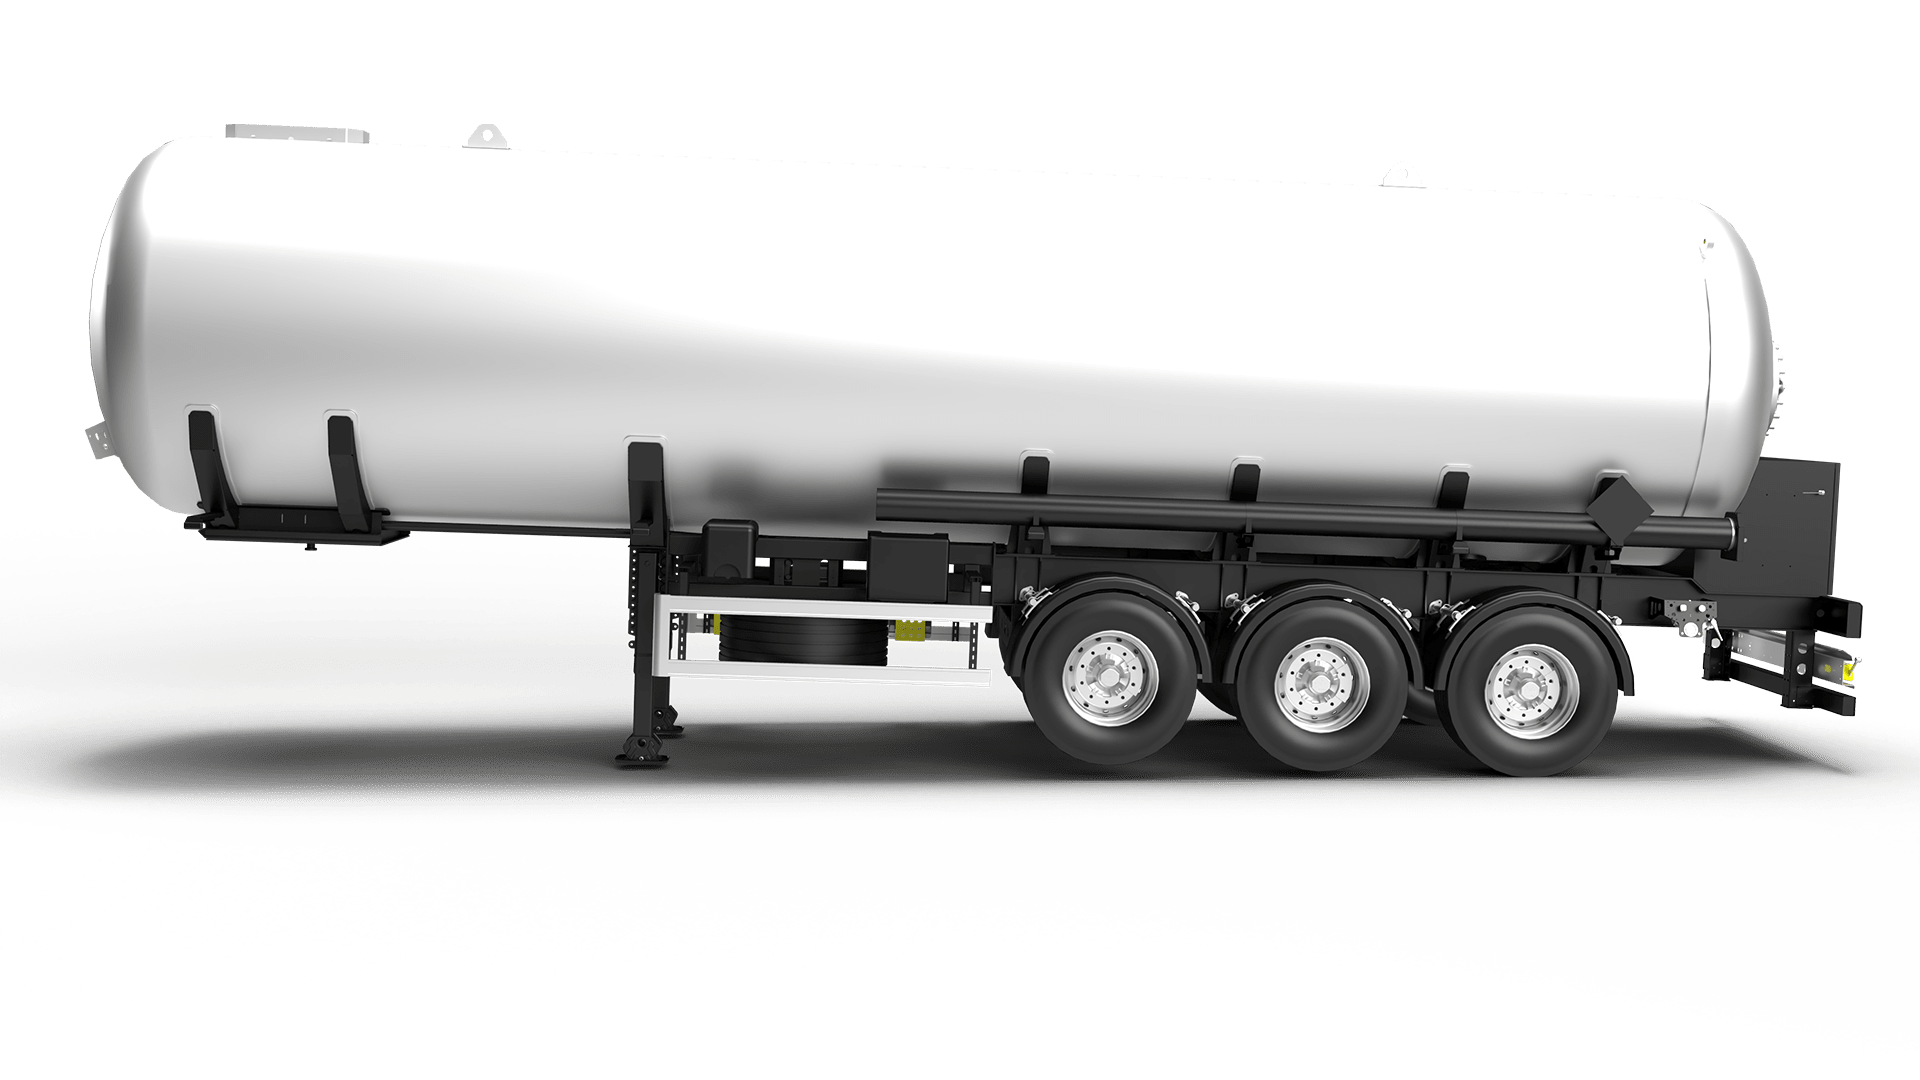 LPG Tanker Semi-Trailer